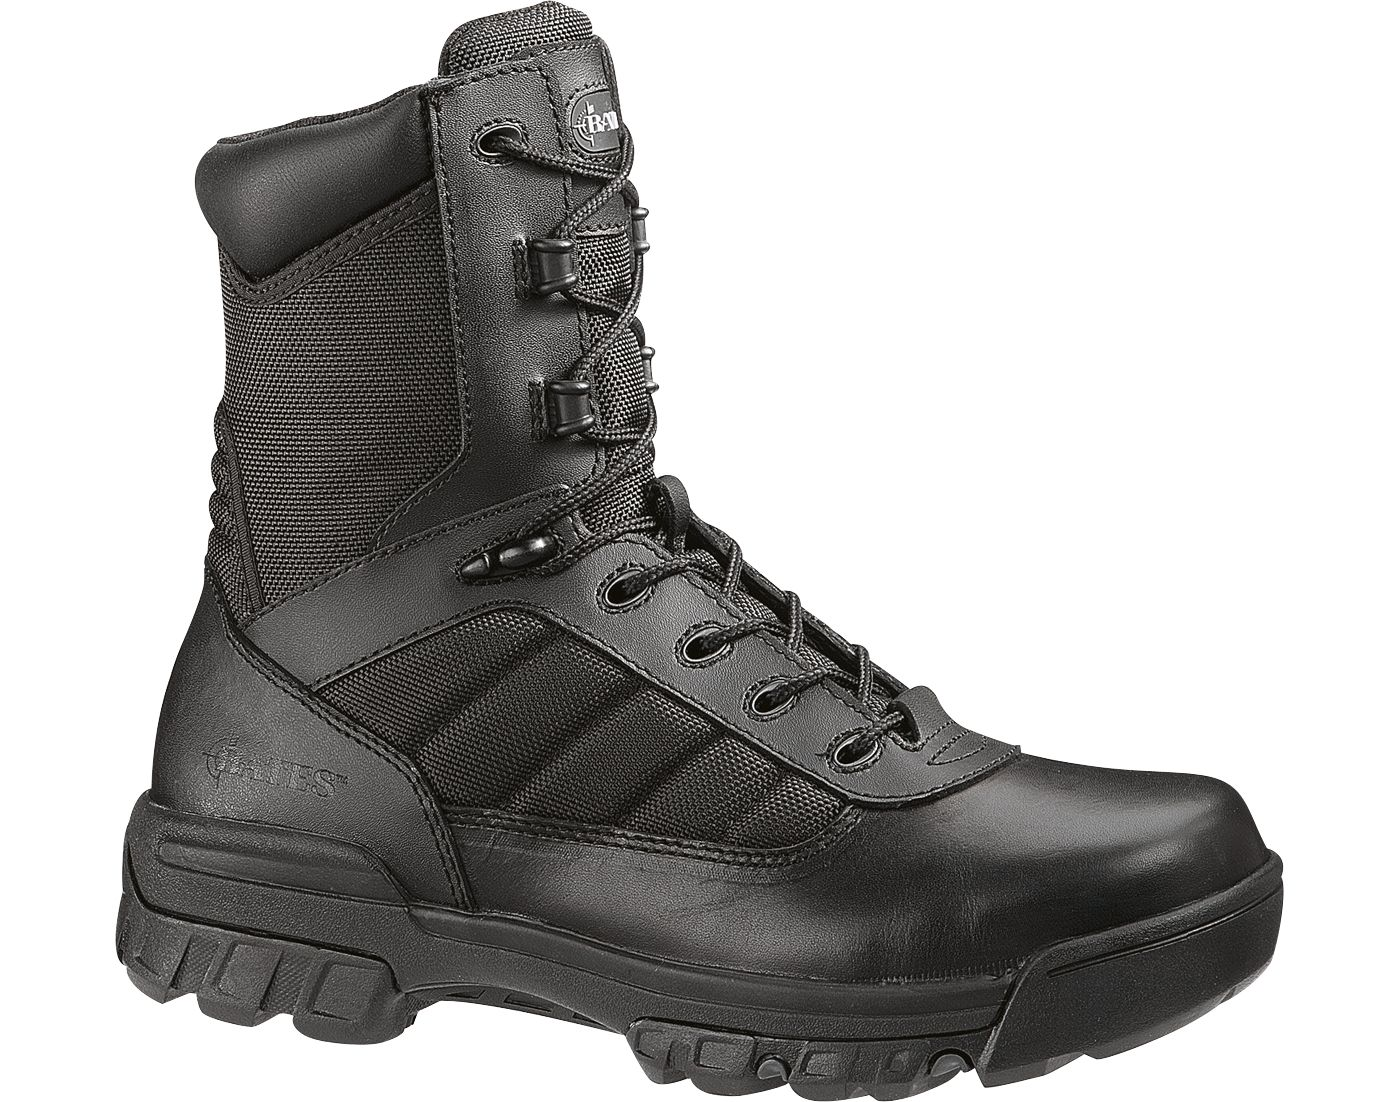 Bates Men's Tactical 8'' Sport Composite Toe Water-Resistant Side Zip Boots